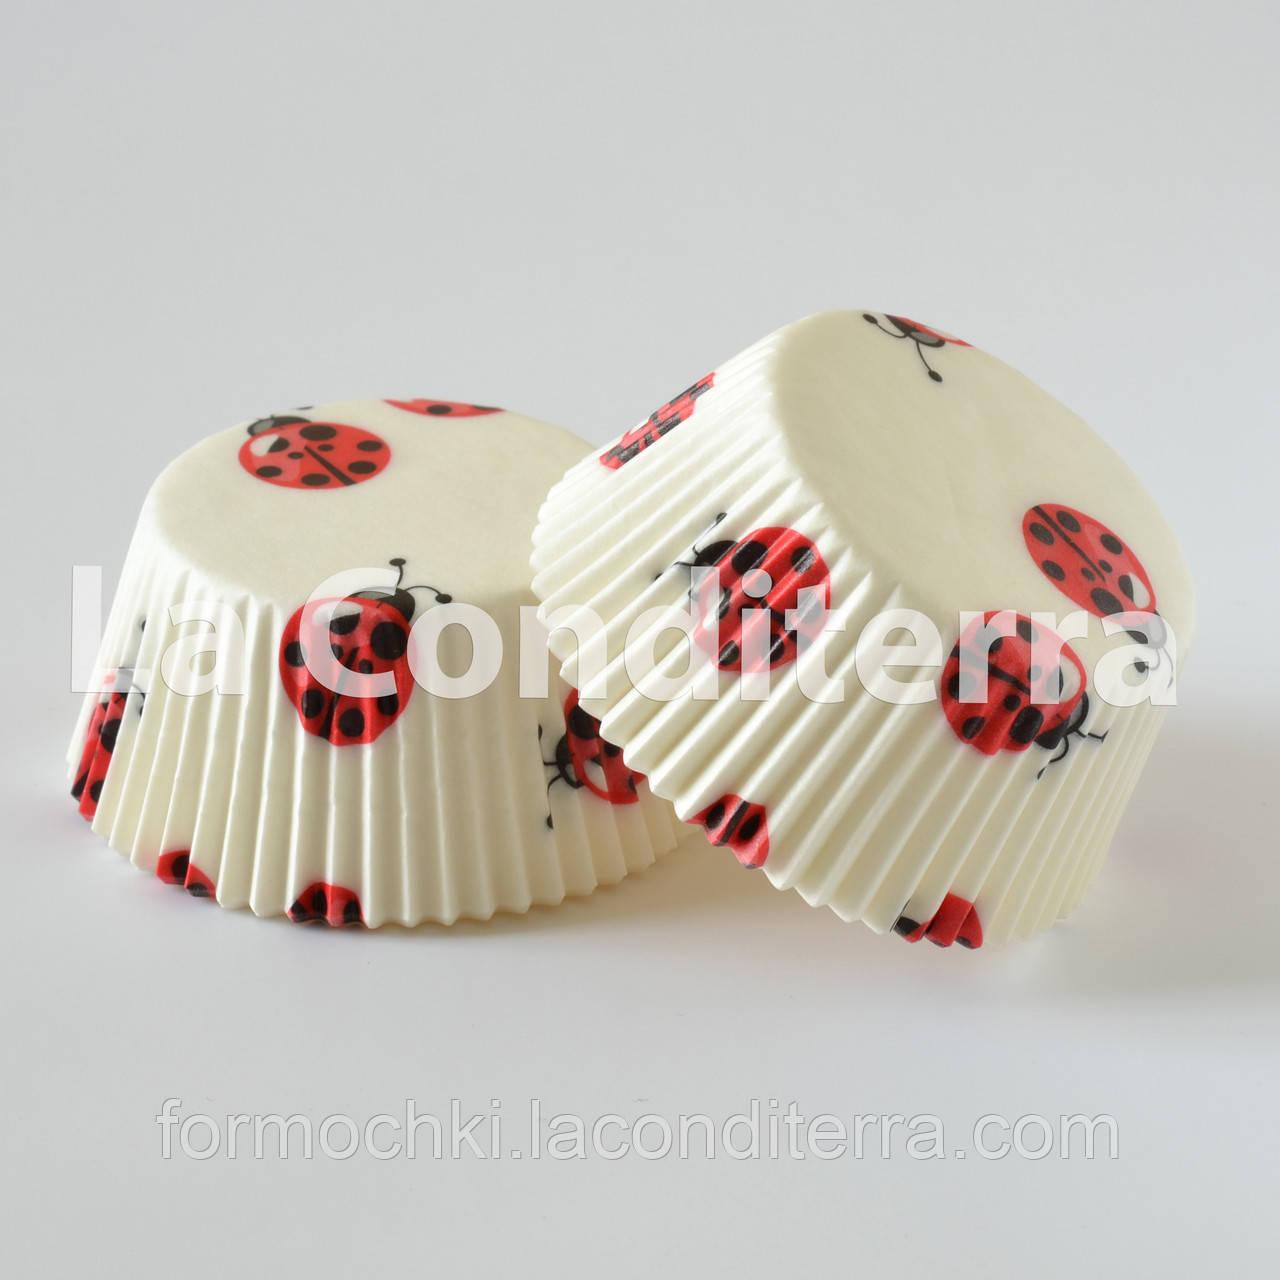 Форми для кексів «Сонечка» (ш 50 мм), мін. партія від 2000 шт.